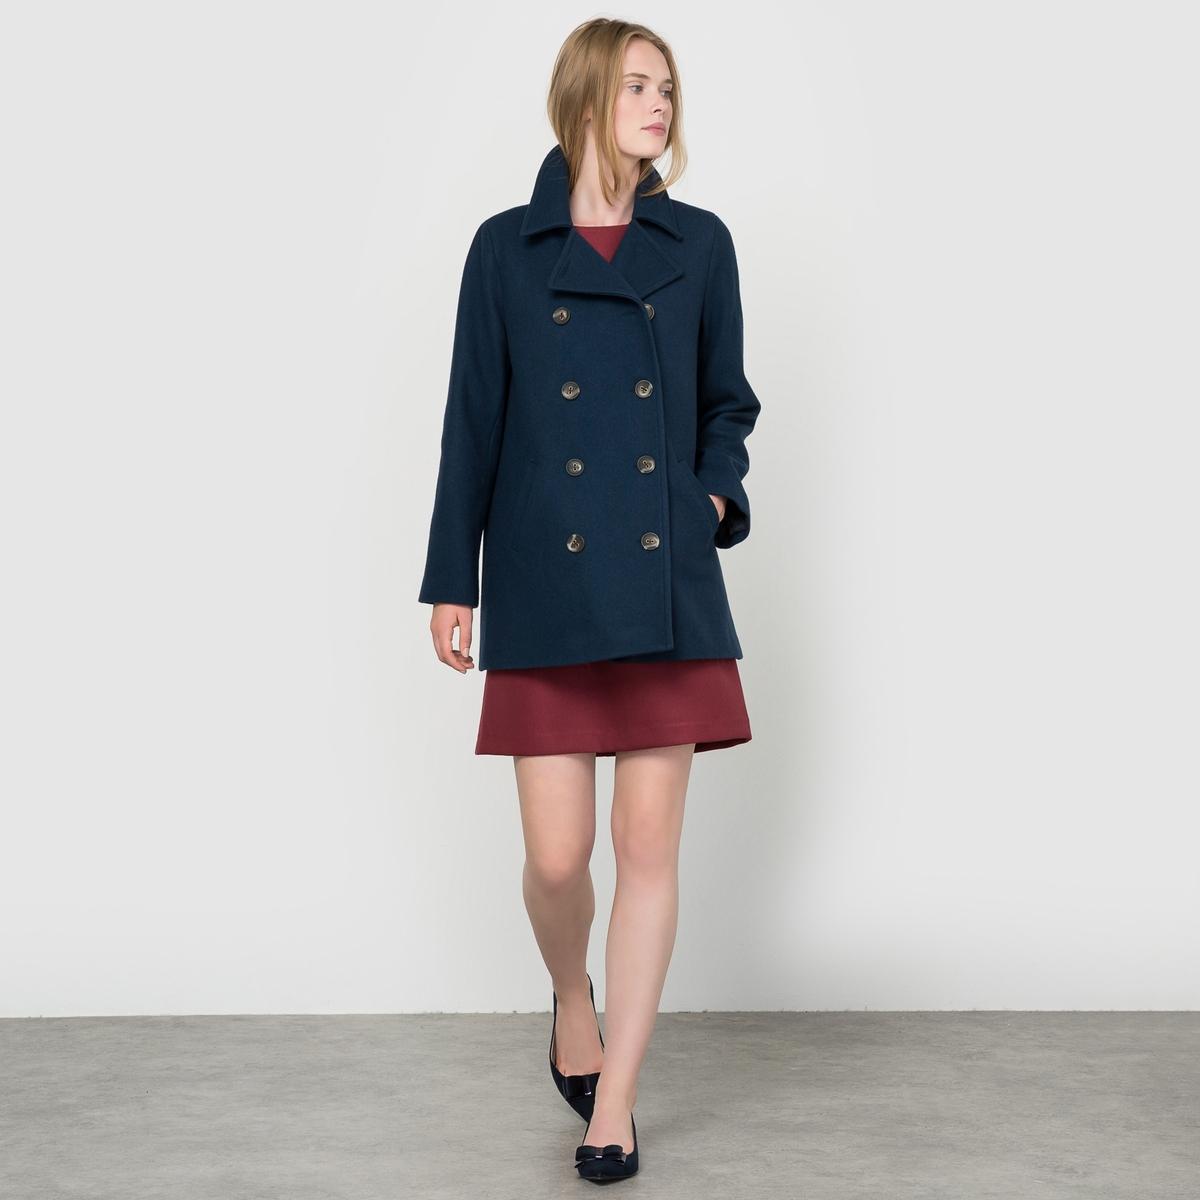 Куртка из шерстяного драпа Made in FranceКуртка из шерстяного драпа, произведенная во Франции . Гарантия высокого качества ! Длинные рукава. Пиджачный воротник. Двубортная застежка на пуговицы. Складка внутрь сзади. 2 кармана спереди.Состав и описаниеМатериал : Драп 70% шерсти, 15% полиэстера, 10% полиамида, 5% других волокон - Подкладка 100% полиэстера Длина : 75 смМарка : R essentiel.УходГладить при умеренной температуре- Сухая чистка.<br><br>Цвет: синий морской<br>Размер: 38 (FR) - 44 (RUS)